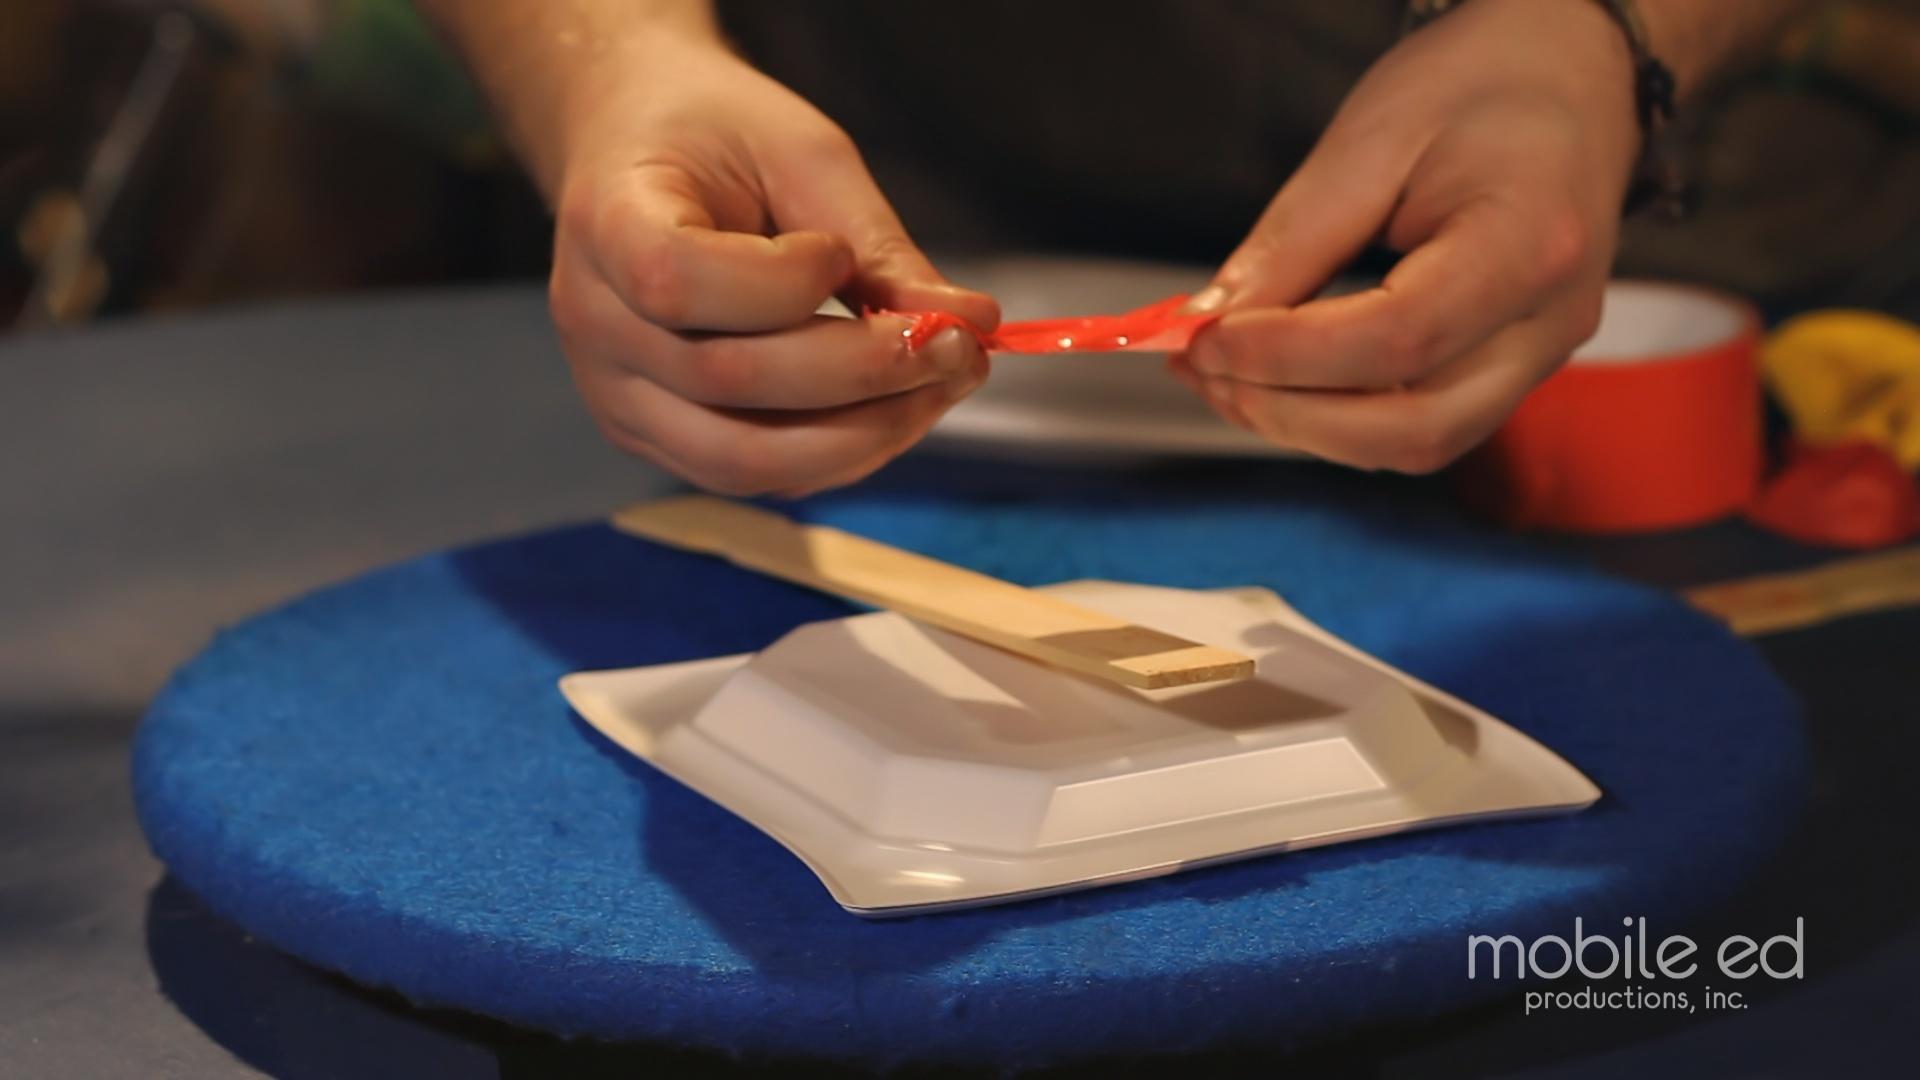 Make the paddles | Handy Dan the Junkyard Man | Mobile Ed Productions